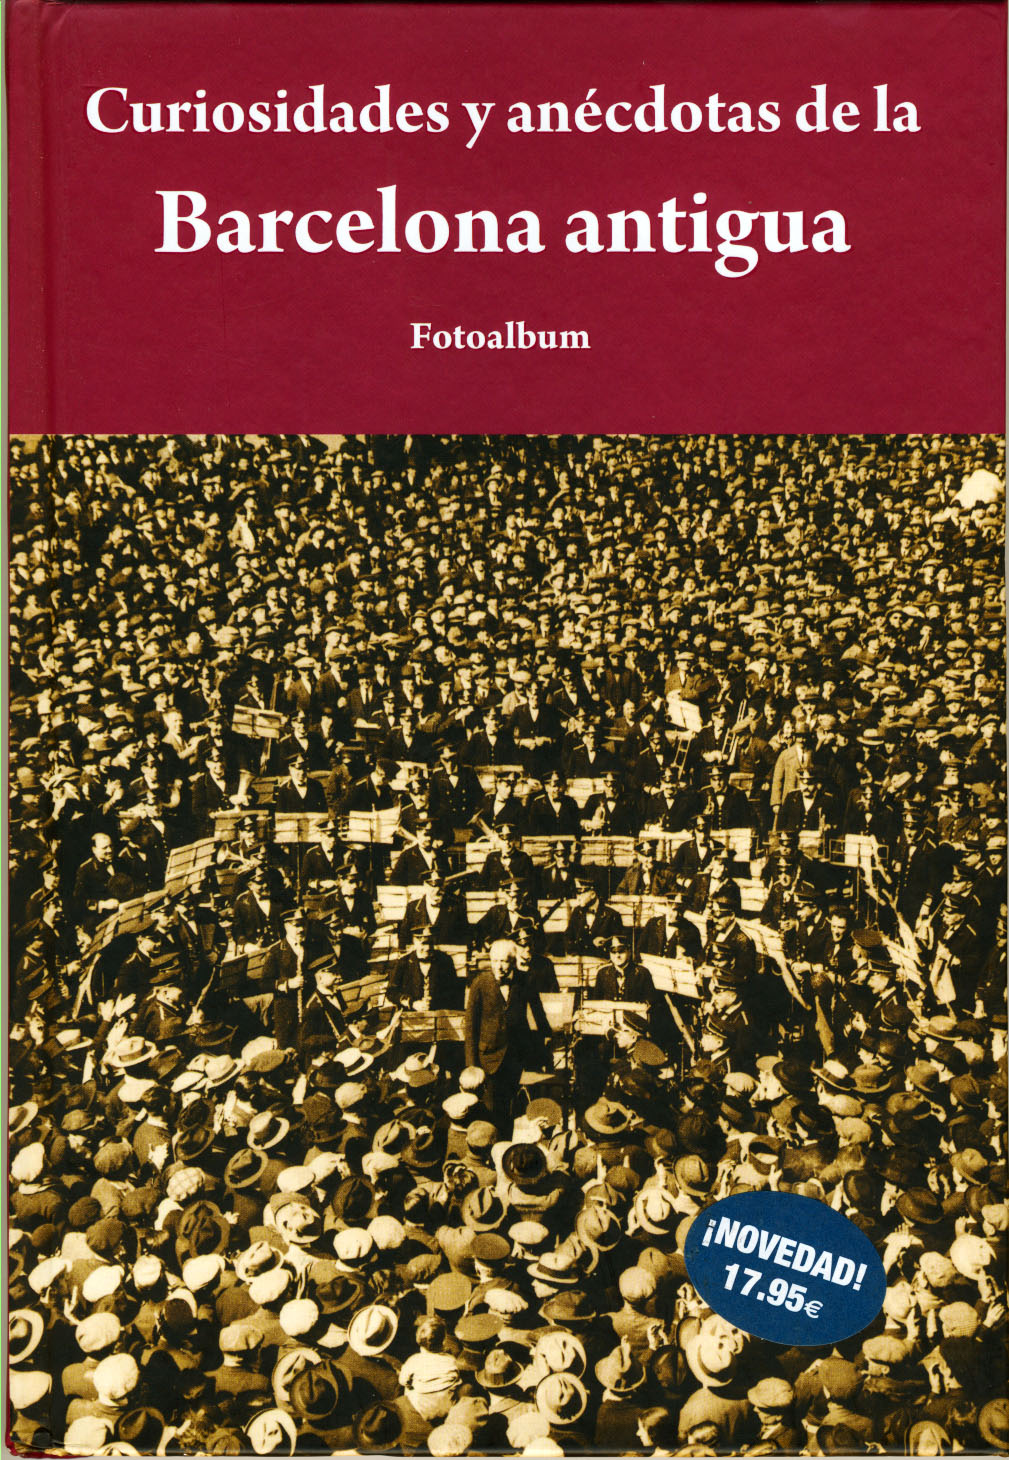 Curiosidades y anécdotas de la Barcelona antigua